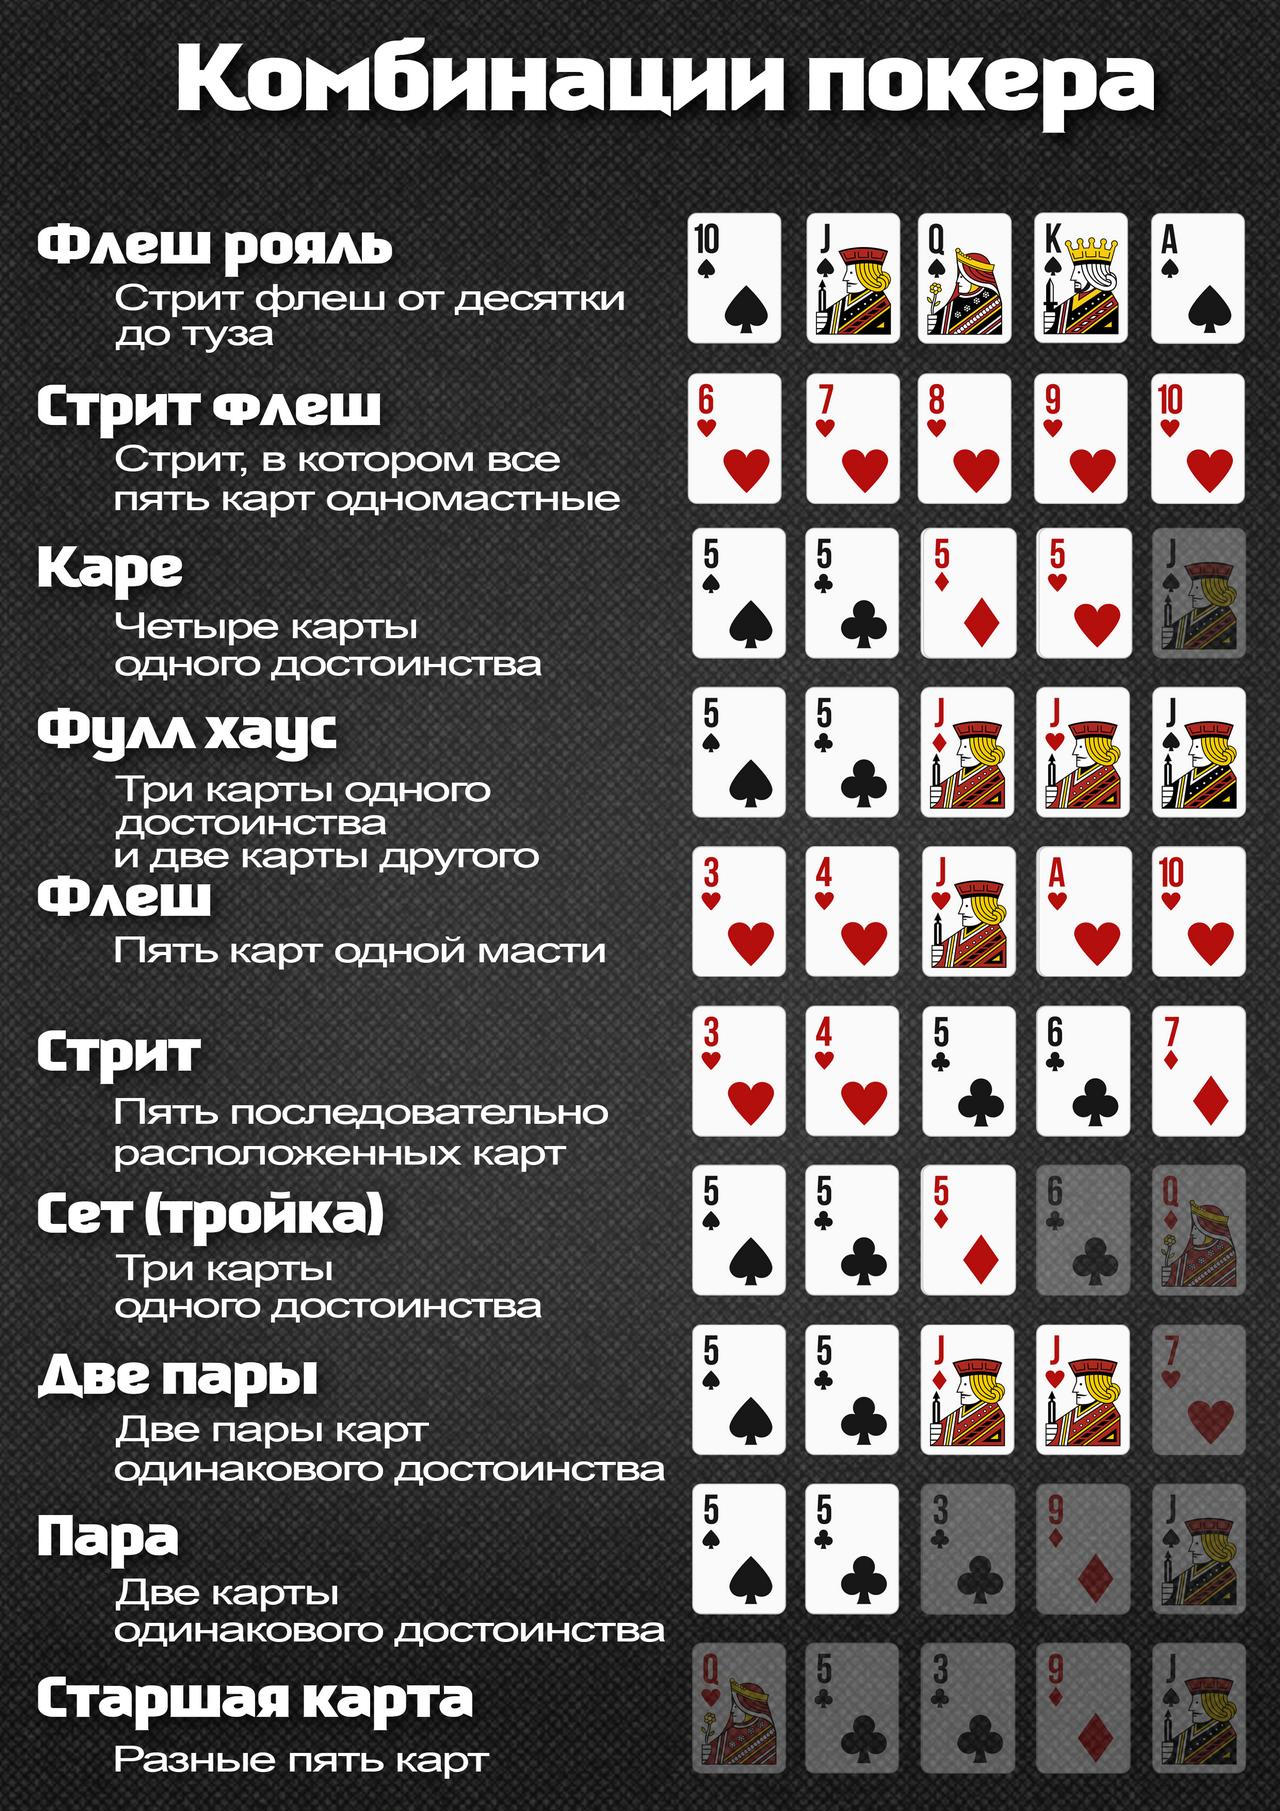 Комбинации покера